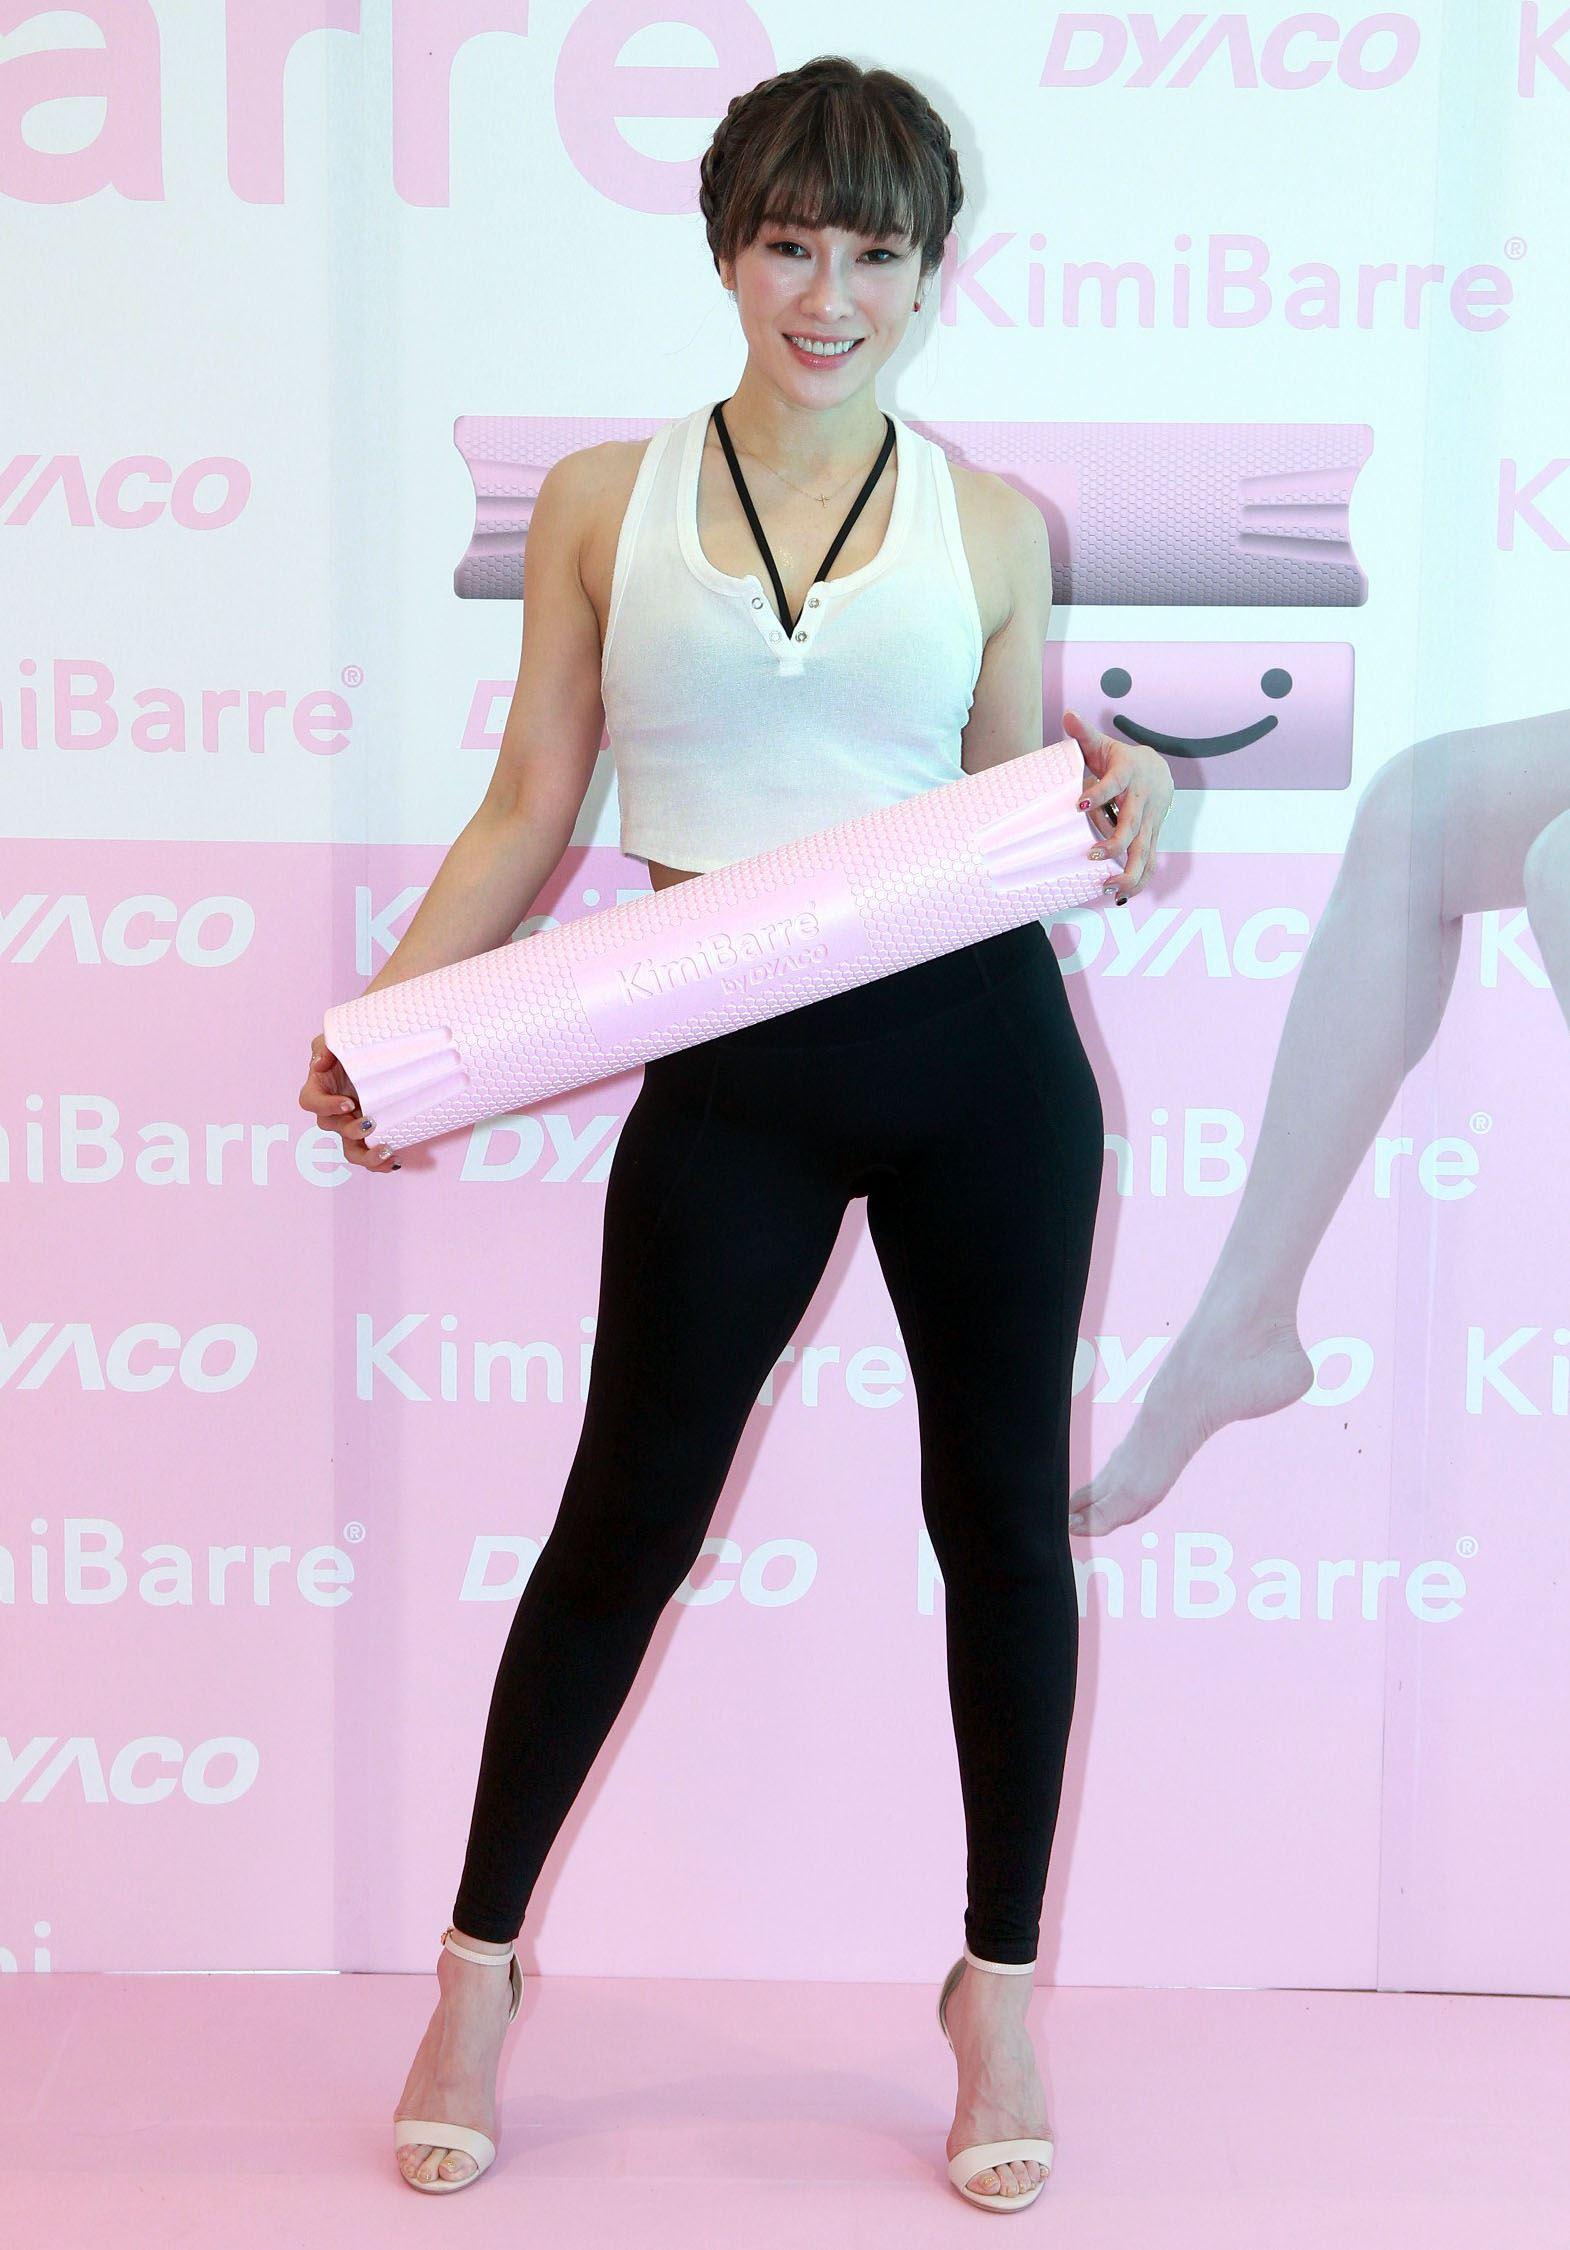 Kimiko首推人身形專用美型棒,教你鍛鍊深層肌肉,打薄女性大腿內側、手臂內緣、腋下肥肉讓妳達到纖細修長的美態。(記者邱榮吉/攝影)